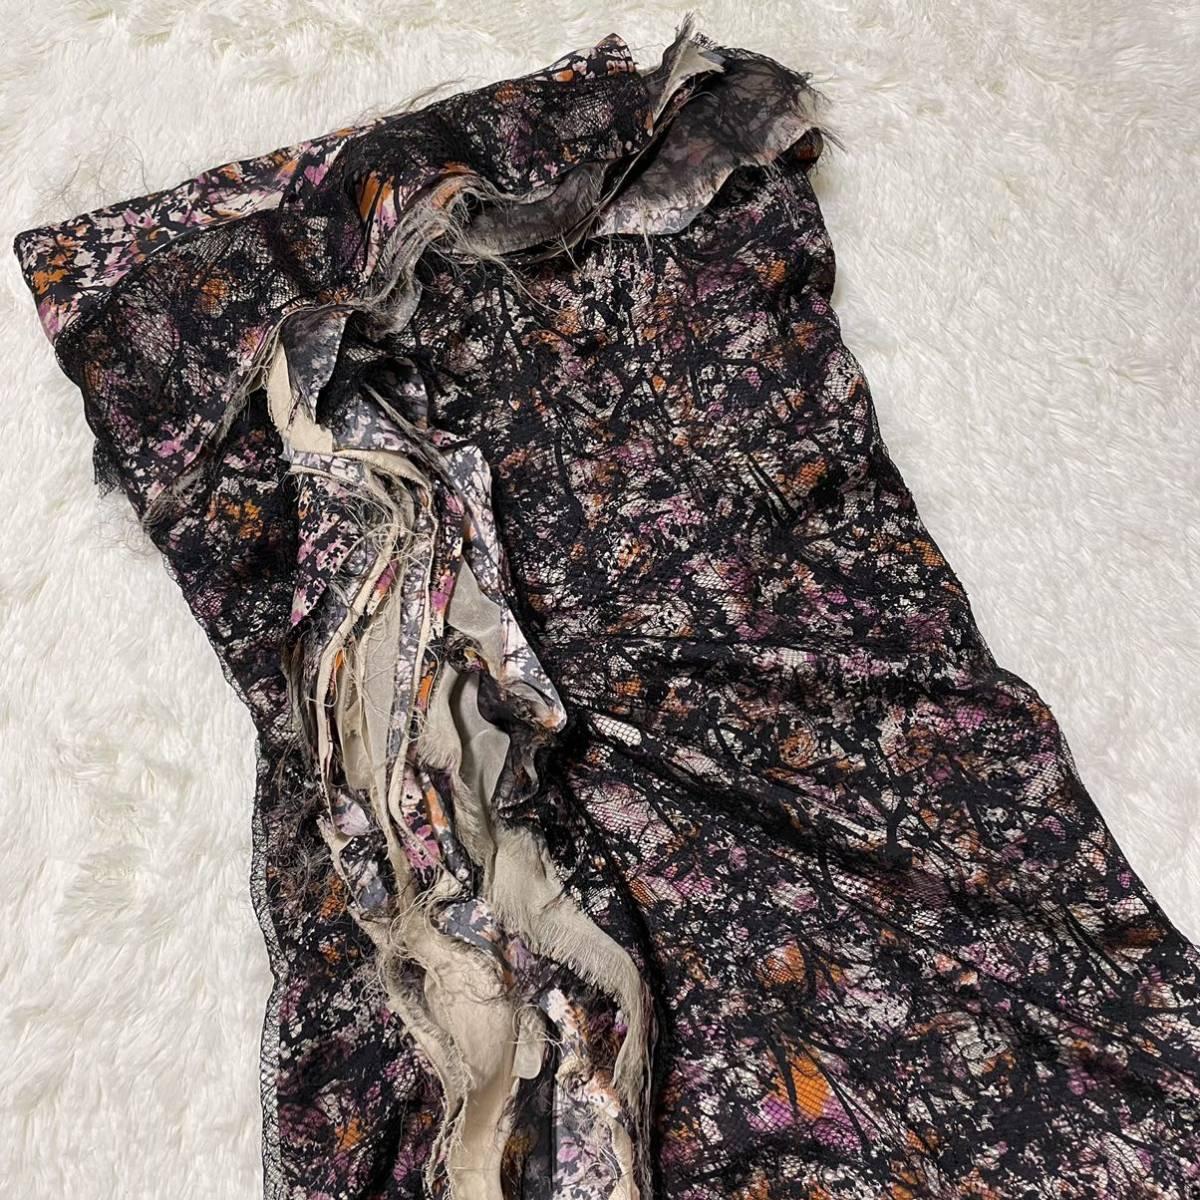 本物 コレクションモデル ボッテガヴェネタ シルク混 レース ギャザーレイヤード オフショルダー ワンピース ドレス 38 BOTTEGA VENETA_画像4